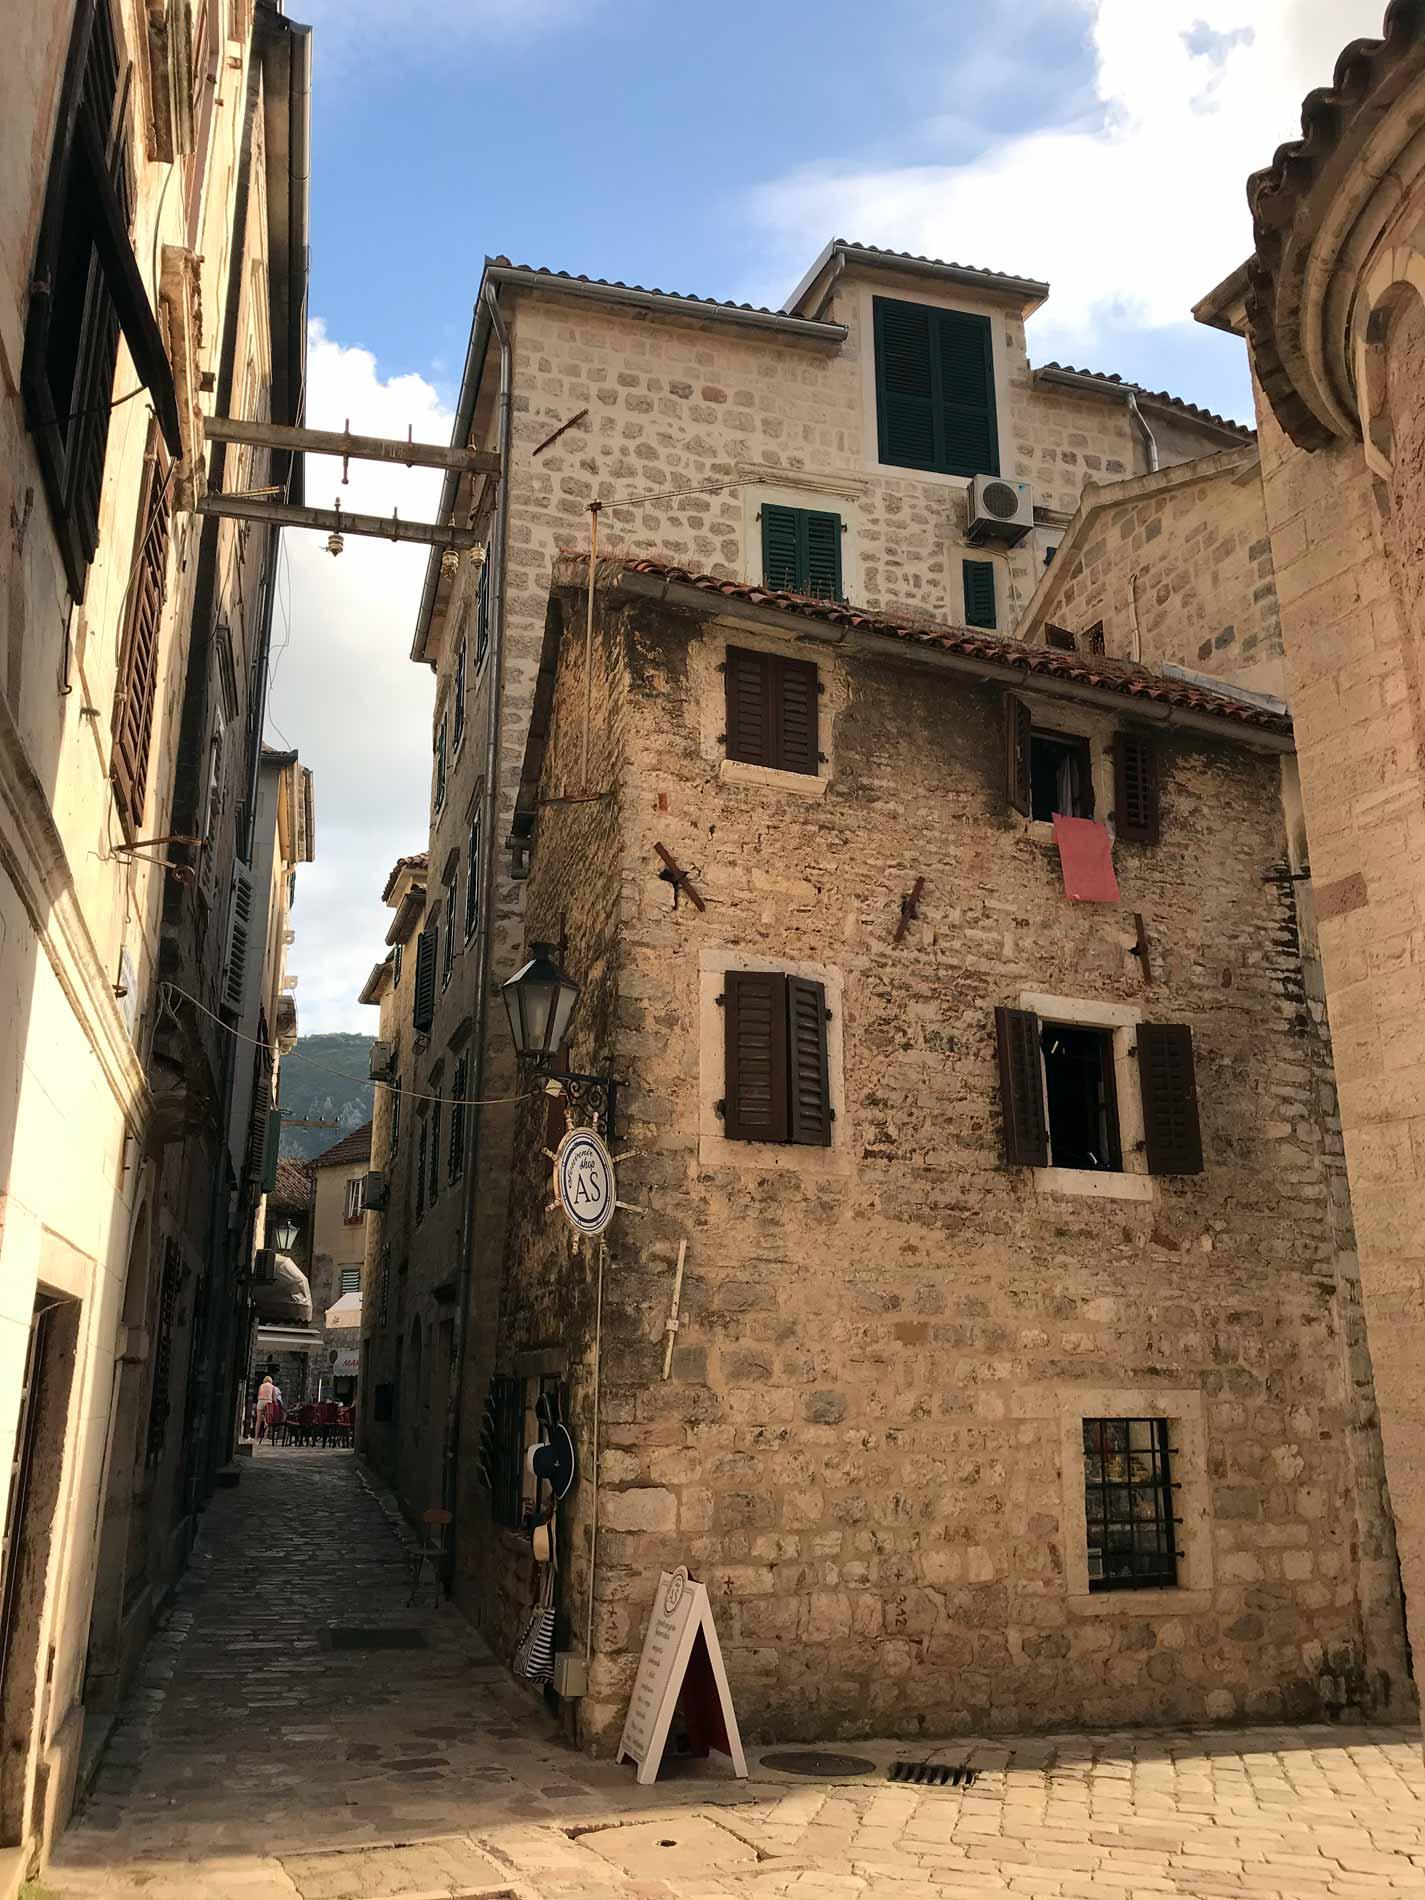 Kotor-Montenegro-via-Ulica-2-case-casa-scorcio-fantastico